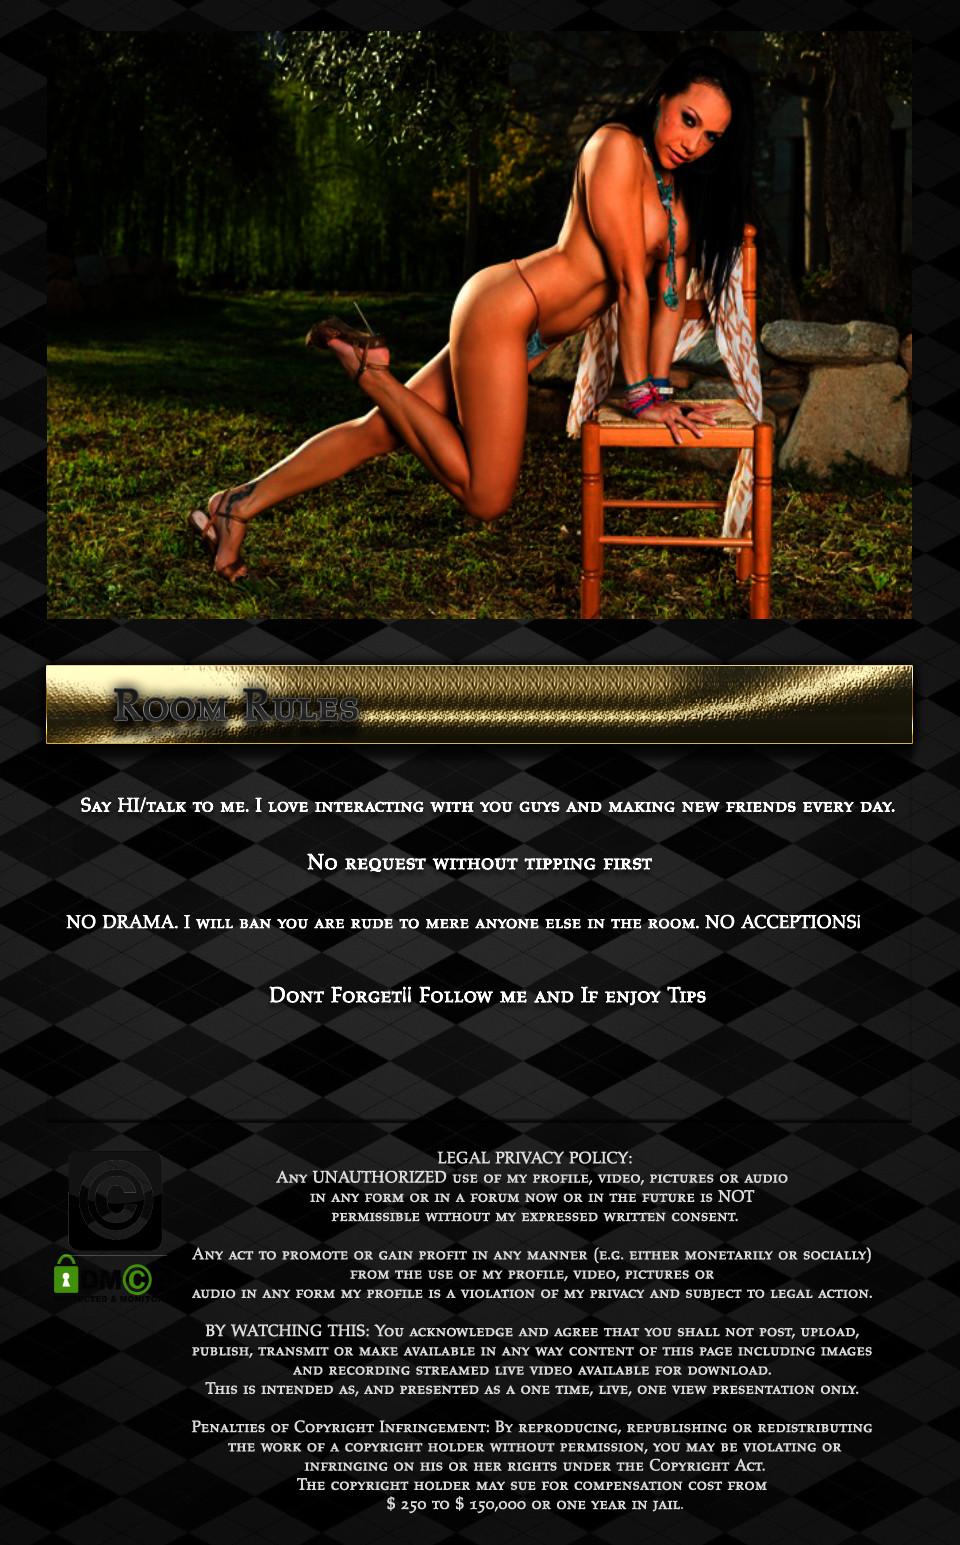 Camscom : site de sexe par Webcam en direct et Chat adulte